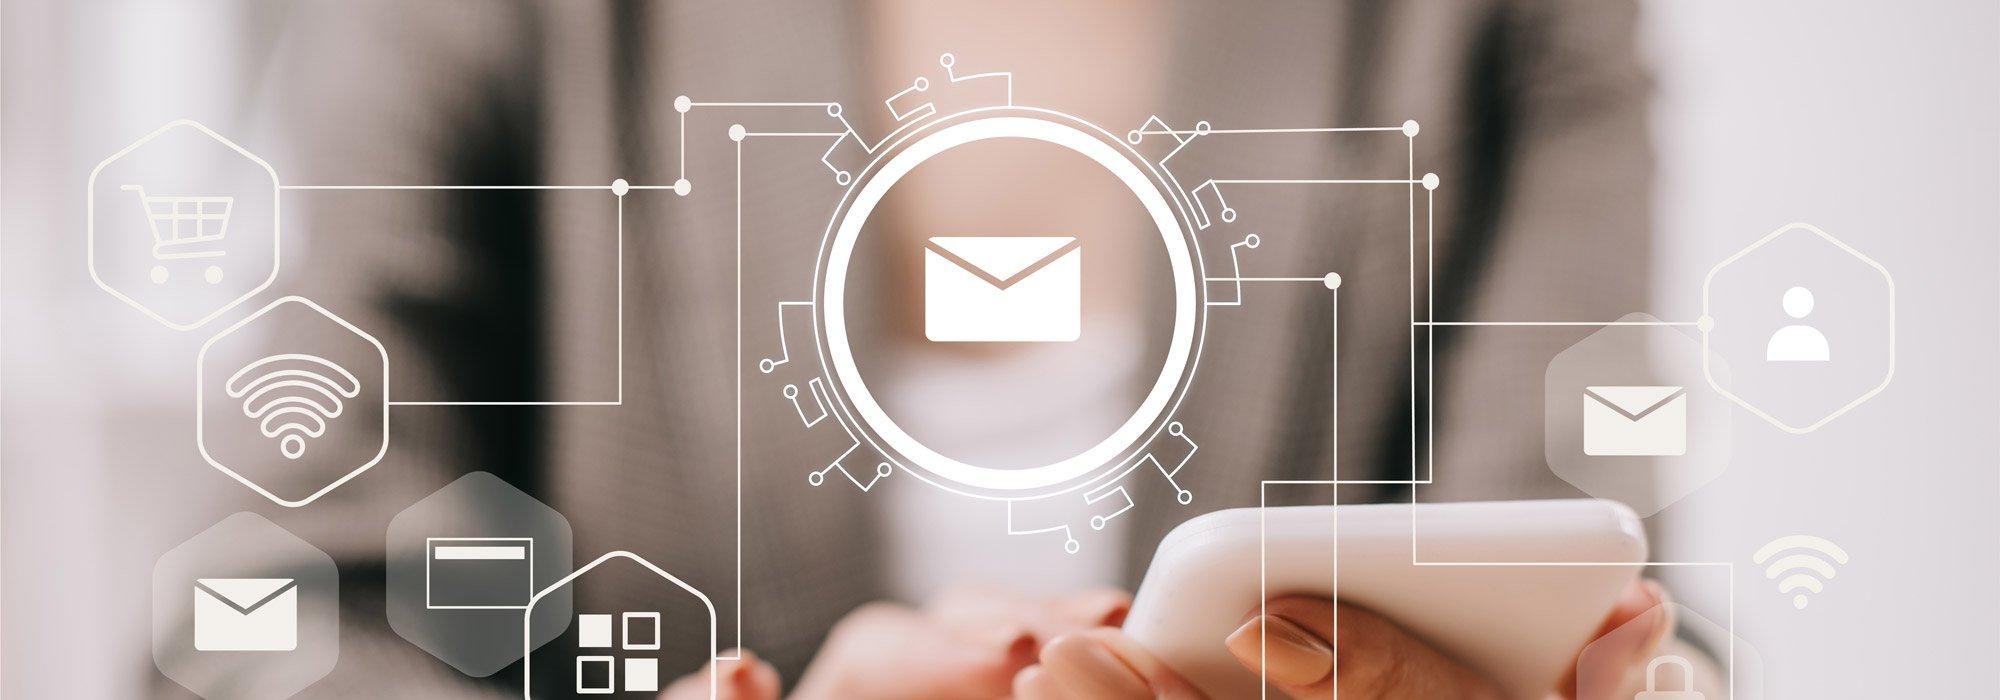 Newsletter e DEM: quando le email fanno crescere il brand.